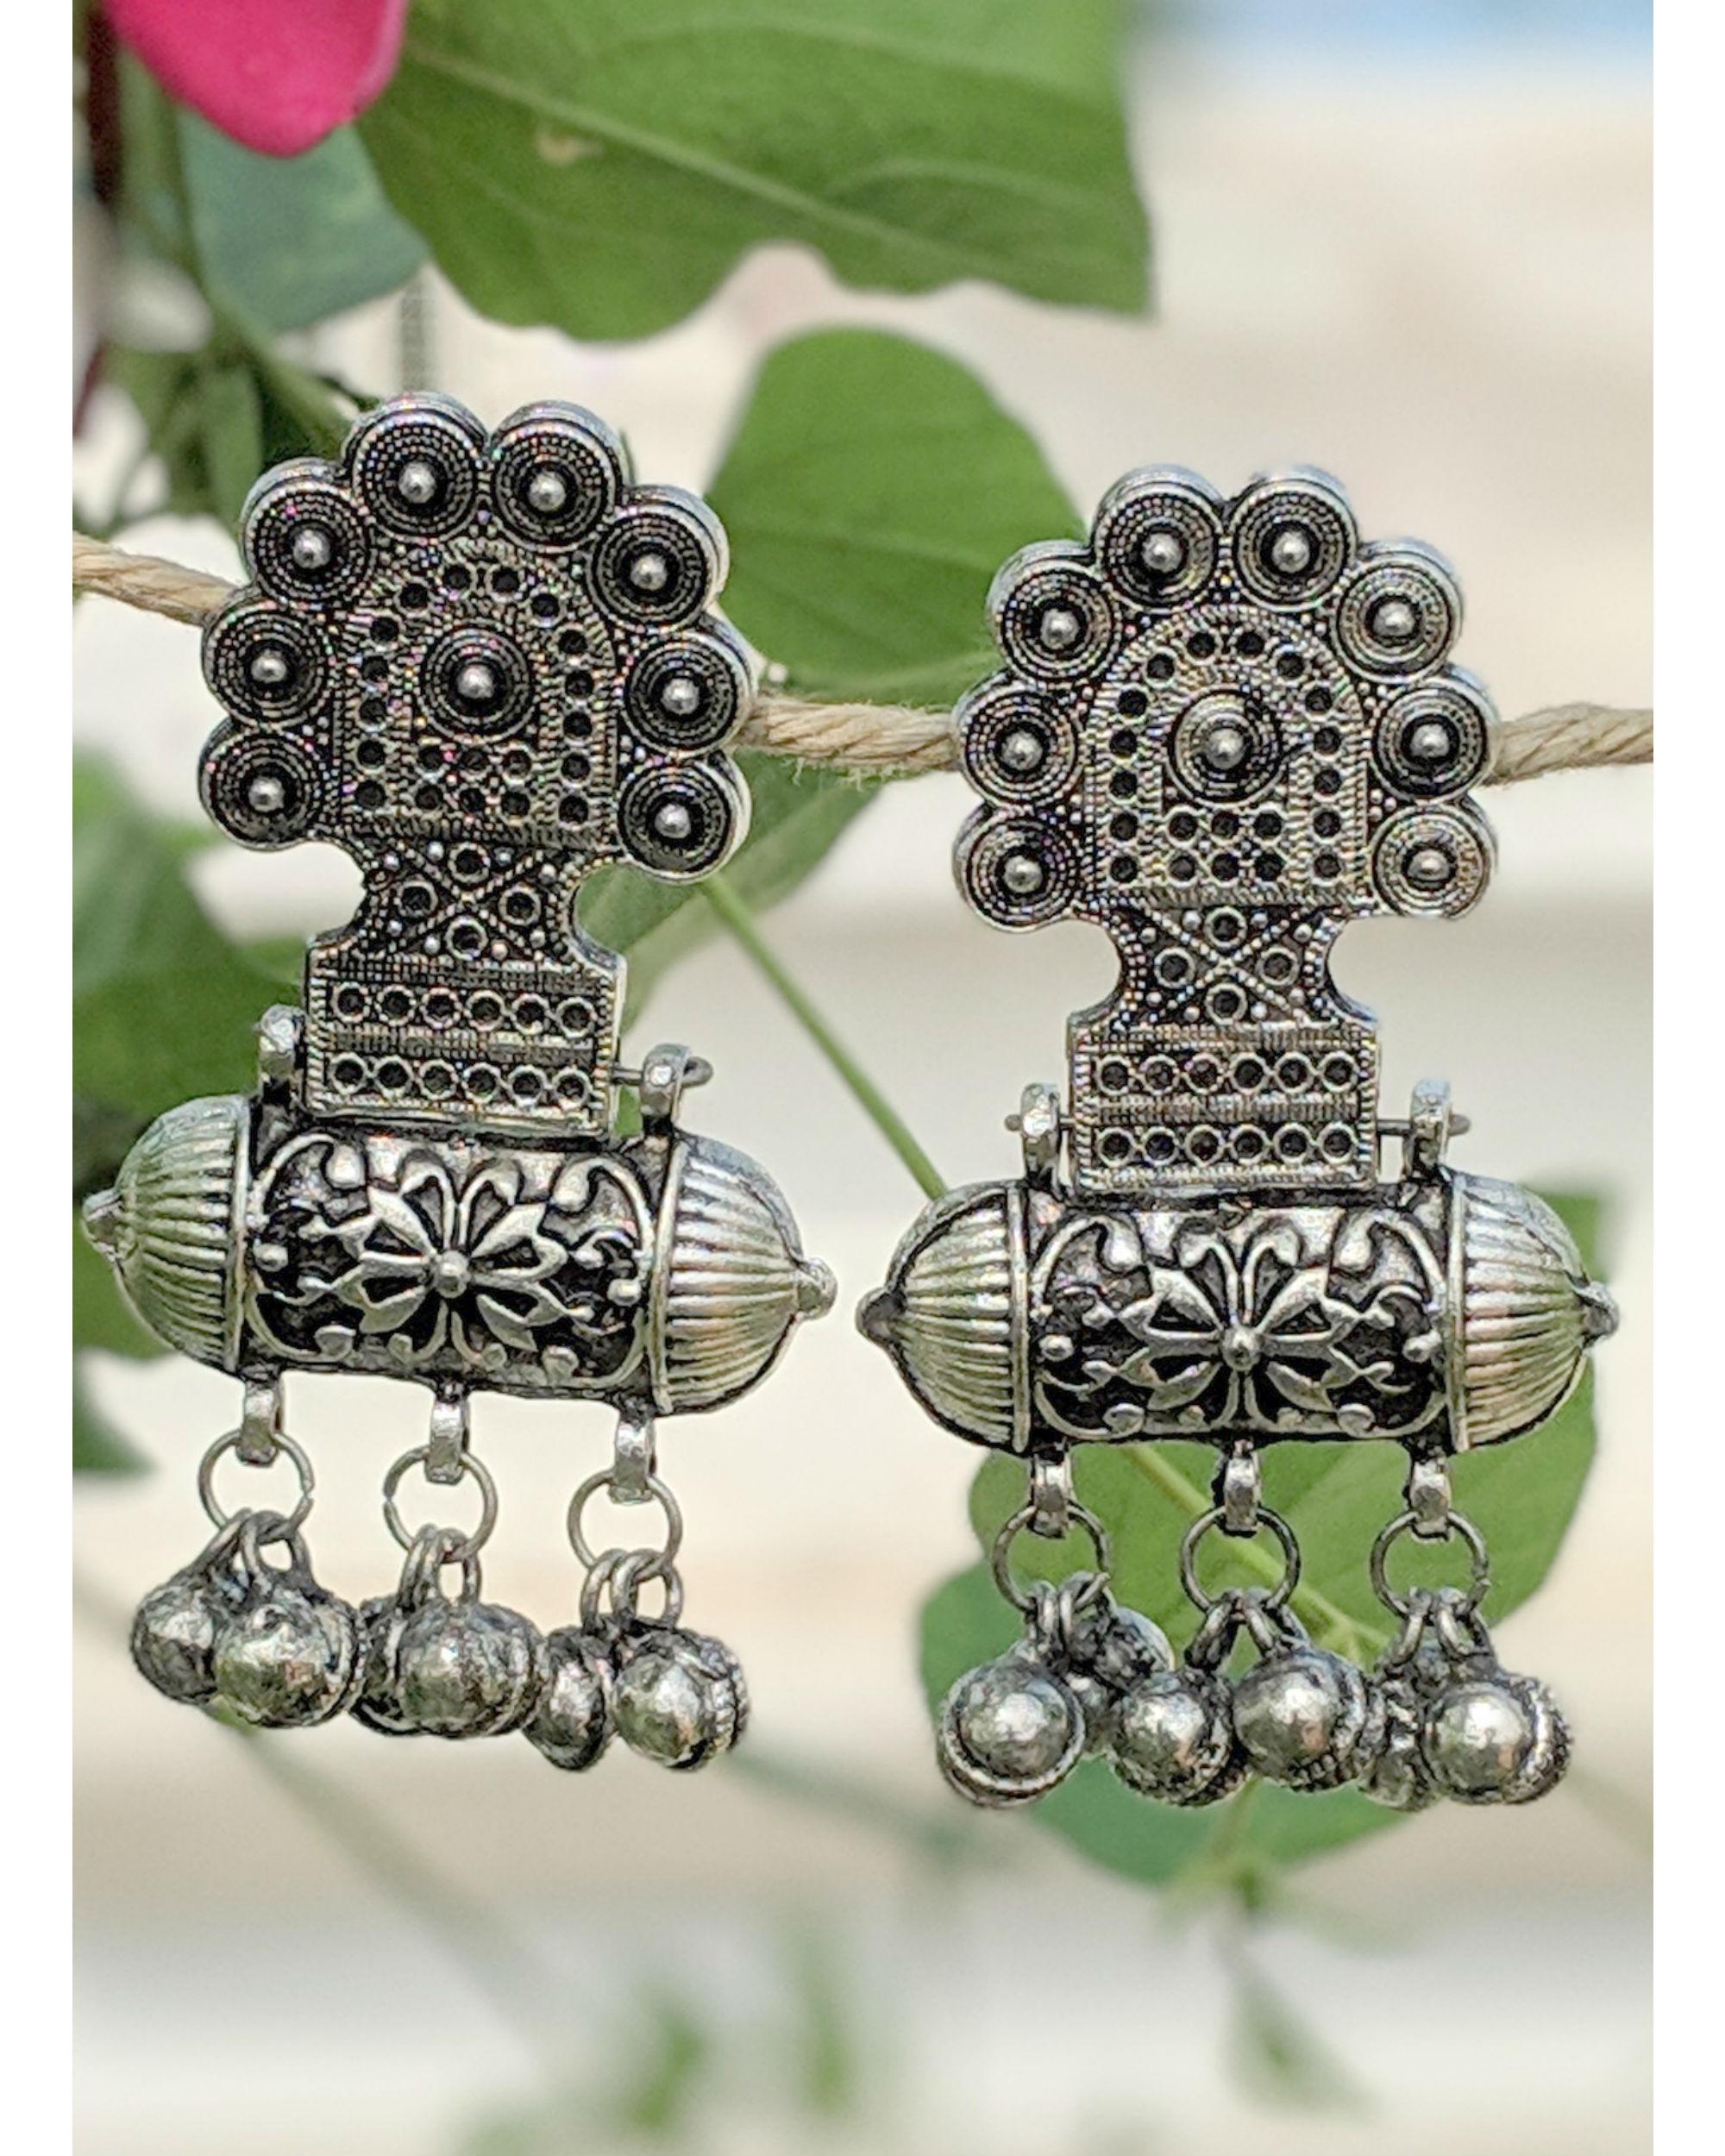 Silver bell earrings